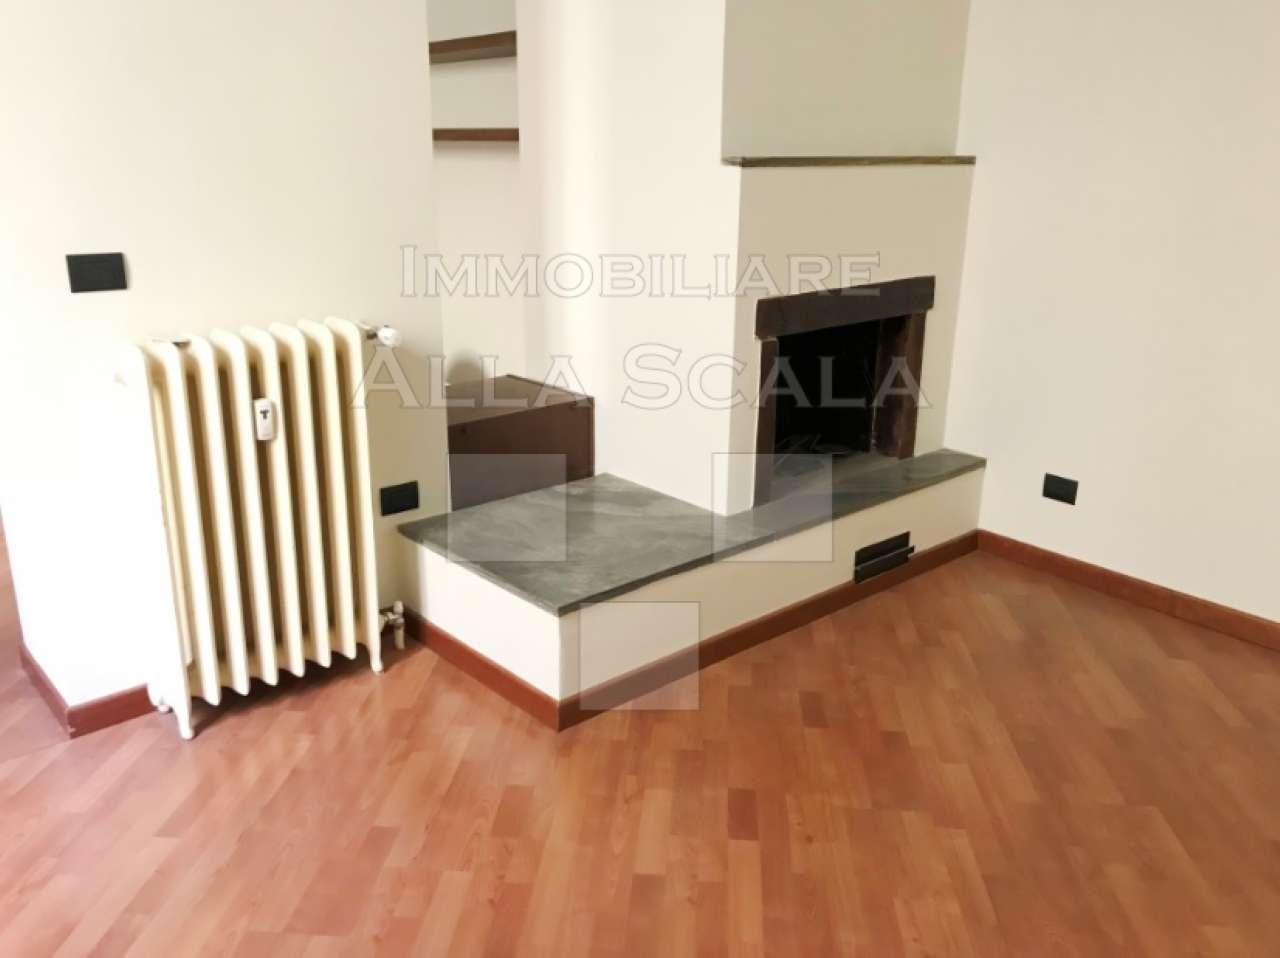 Appartamento in Affitto a Milano 01 Centro storico (Cerchia dei Navigli): 4 locali, 130 mq